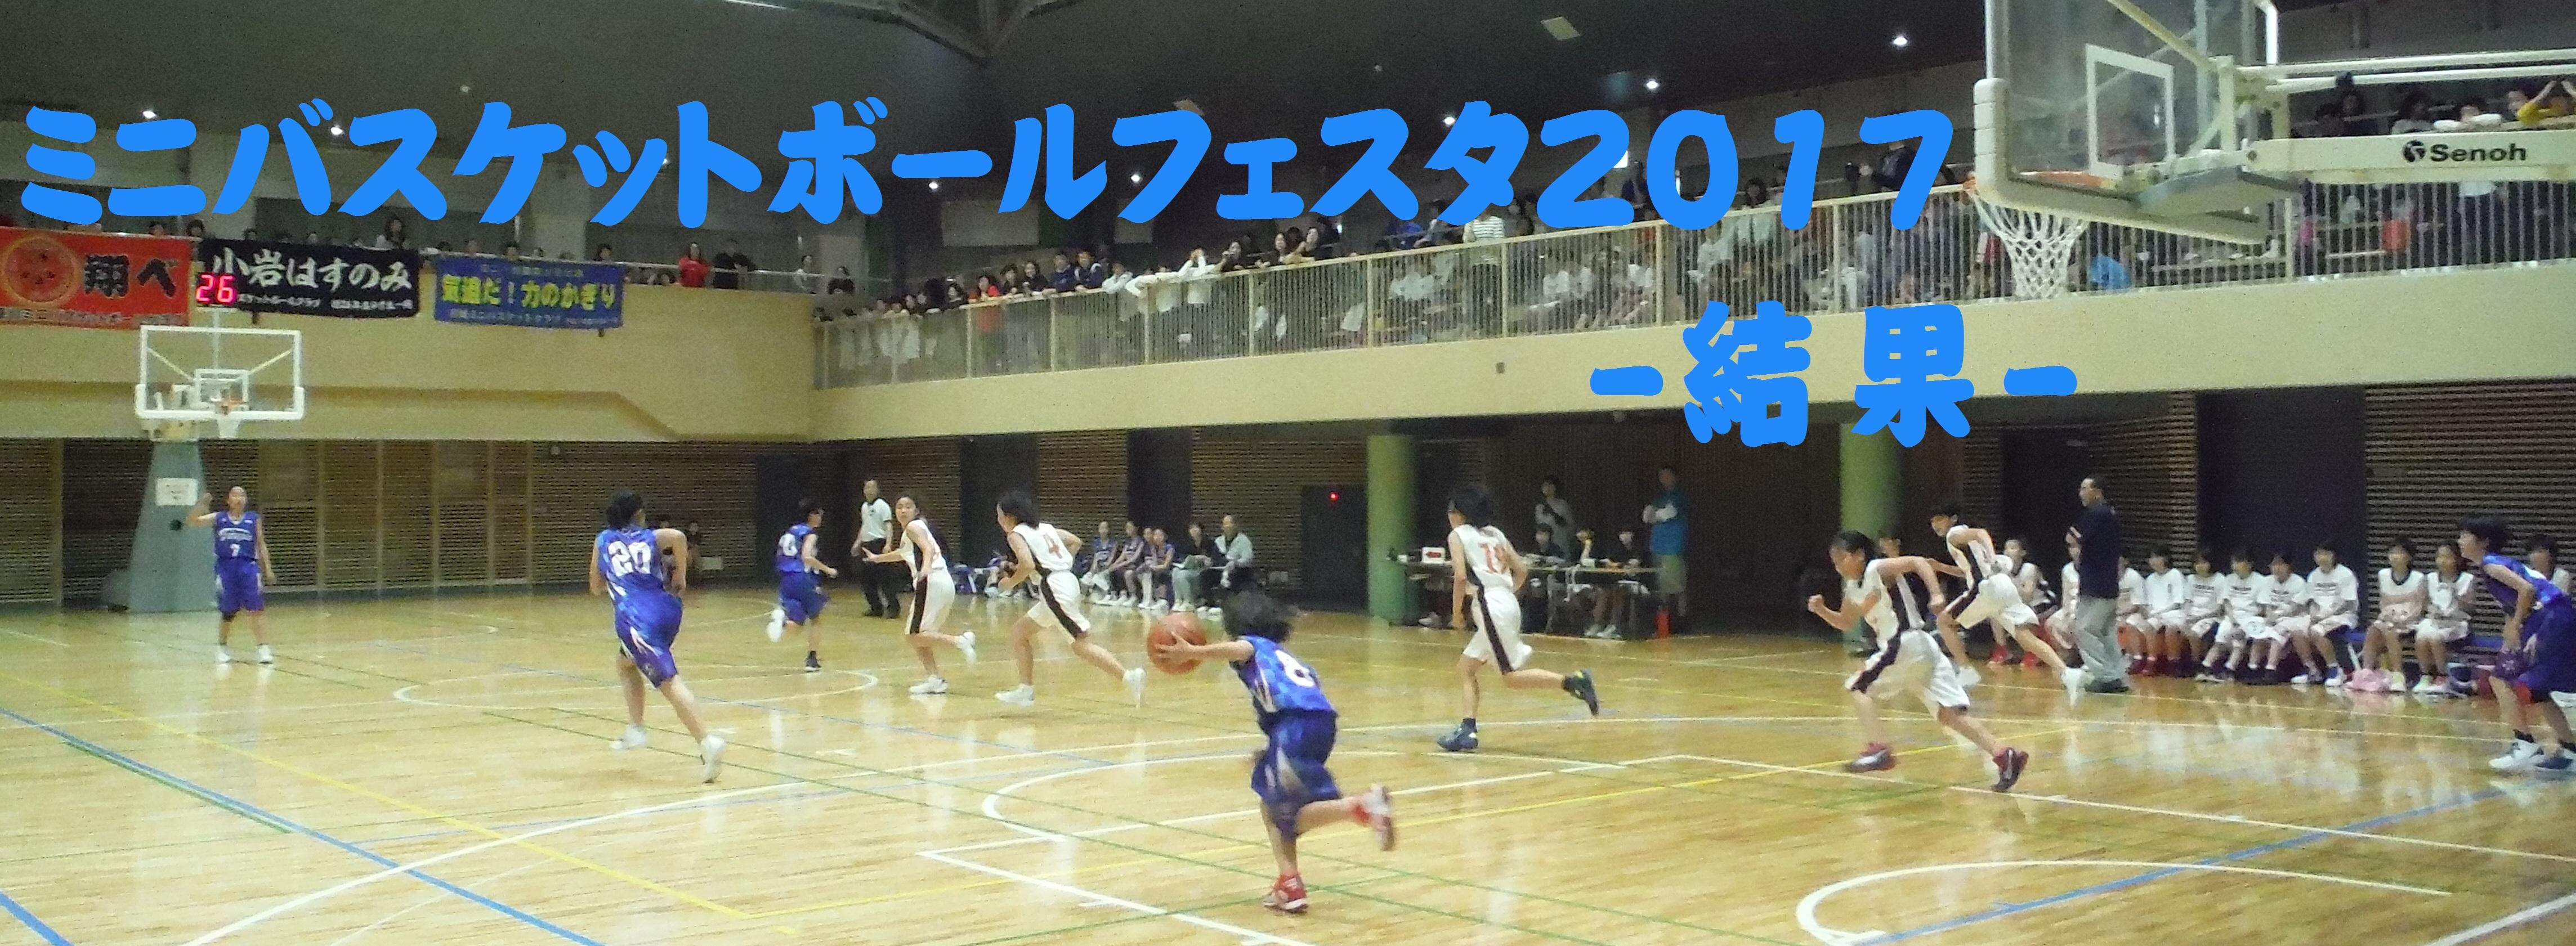 ミニバスケットボールフェスタ2017結果報告!